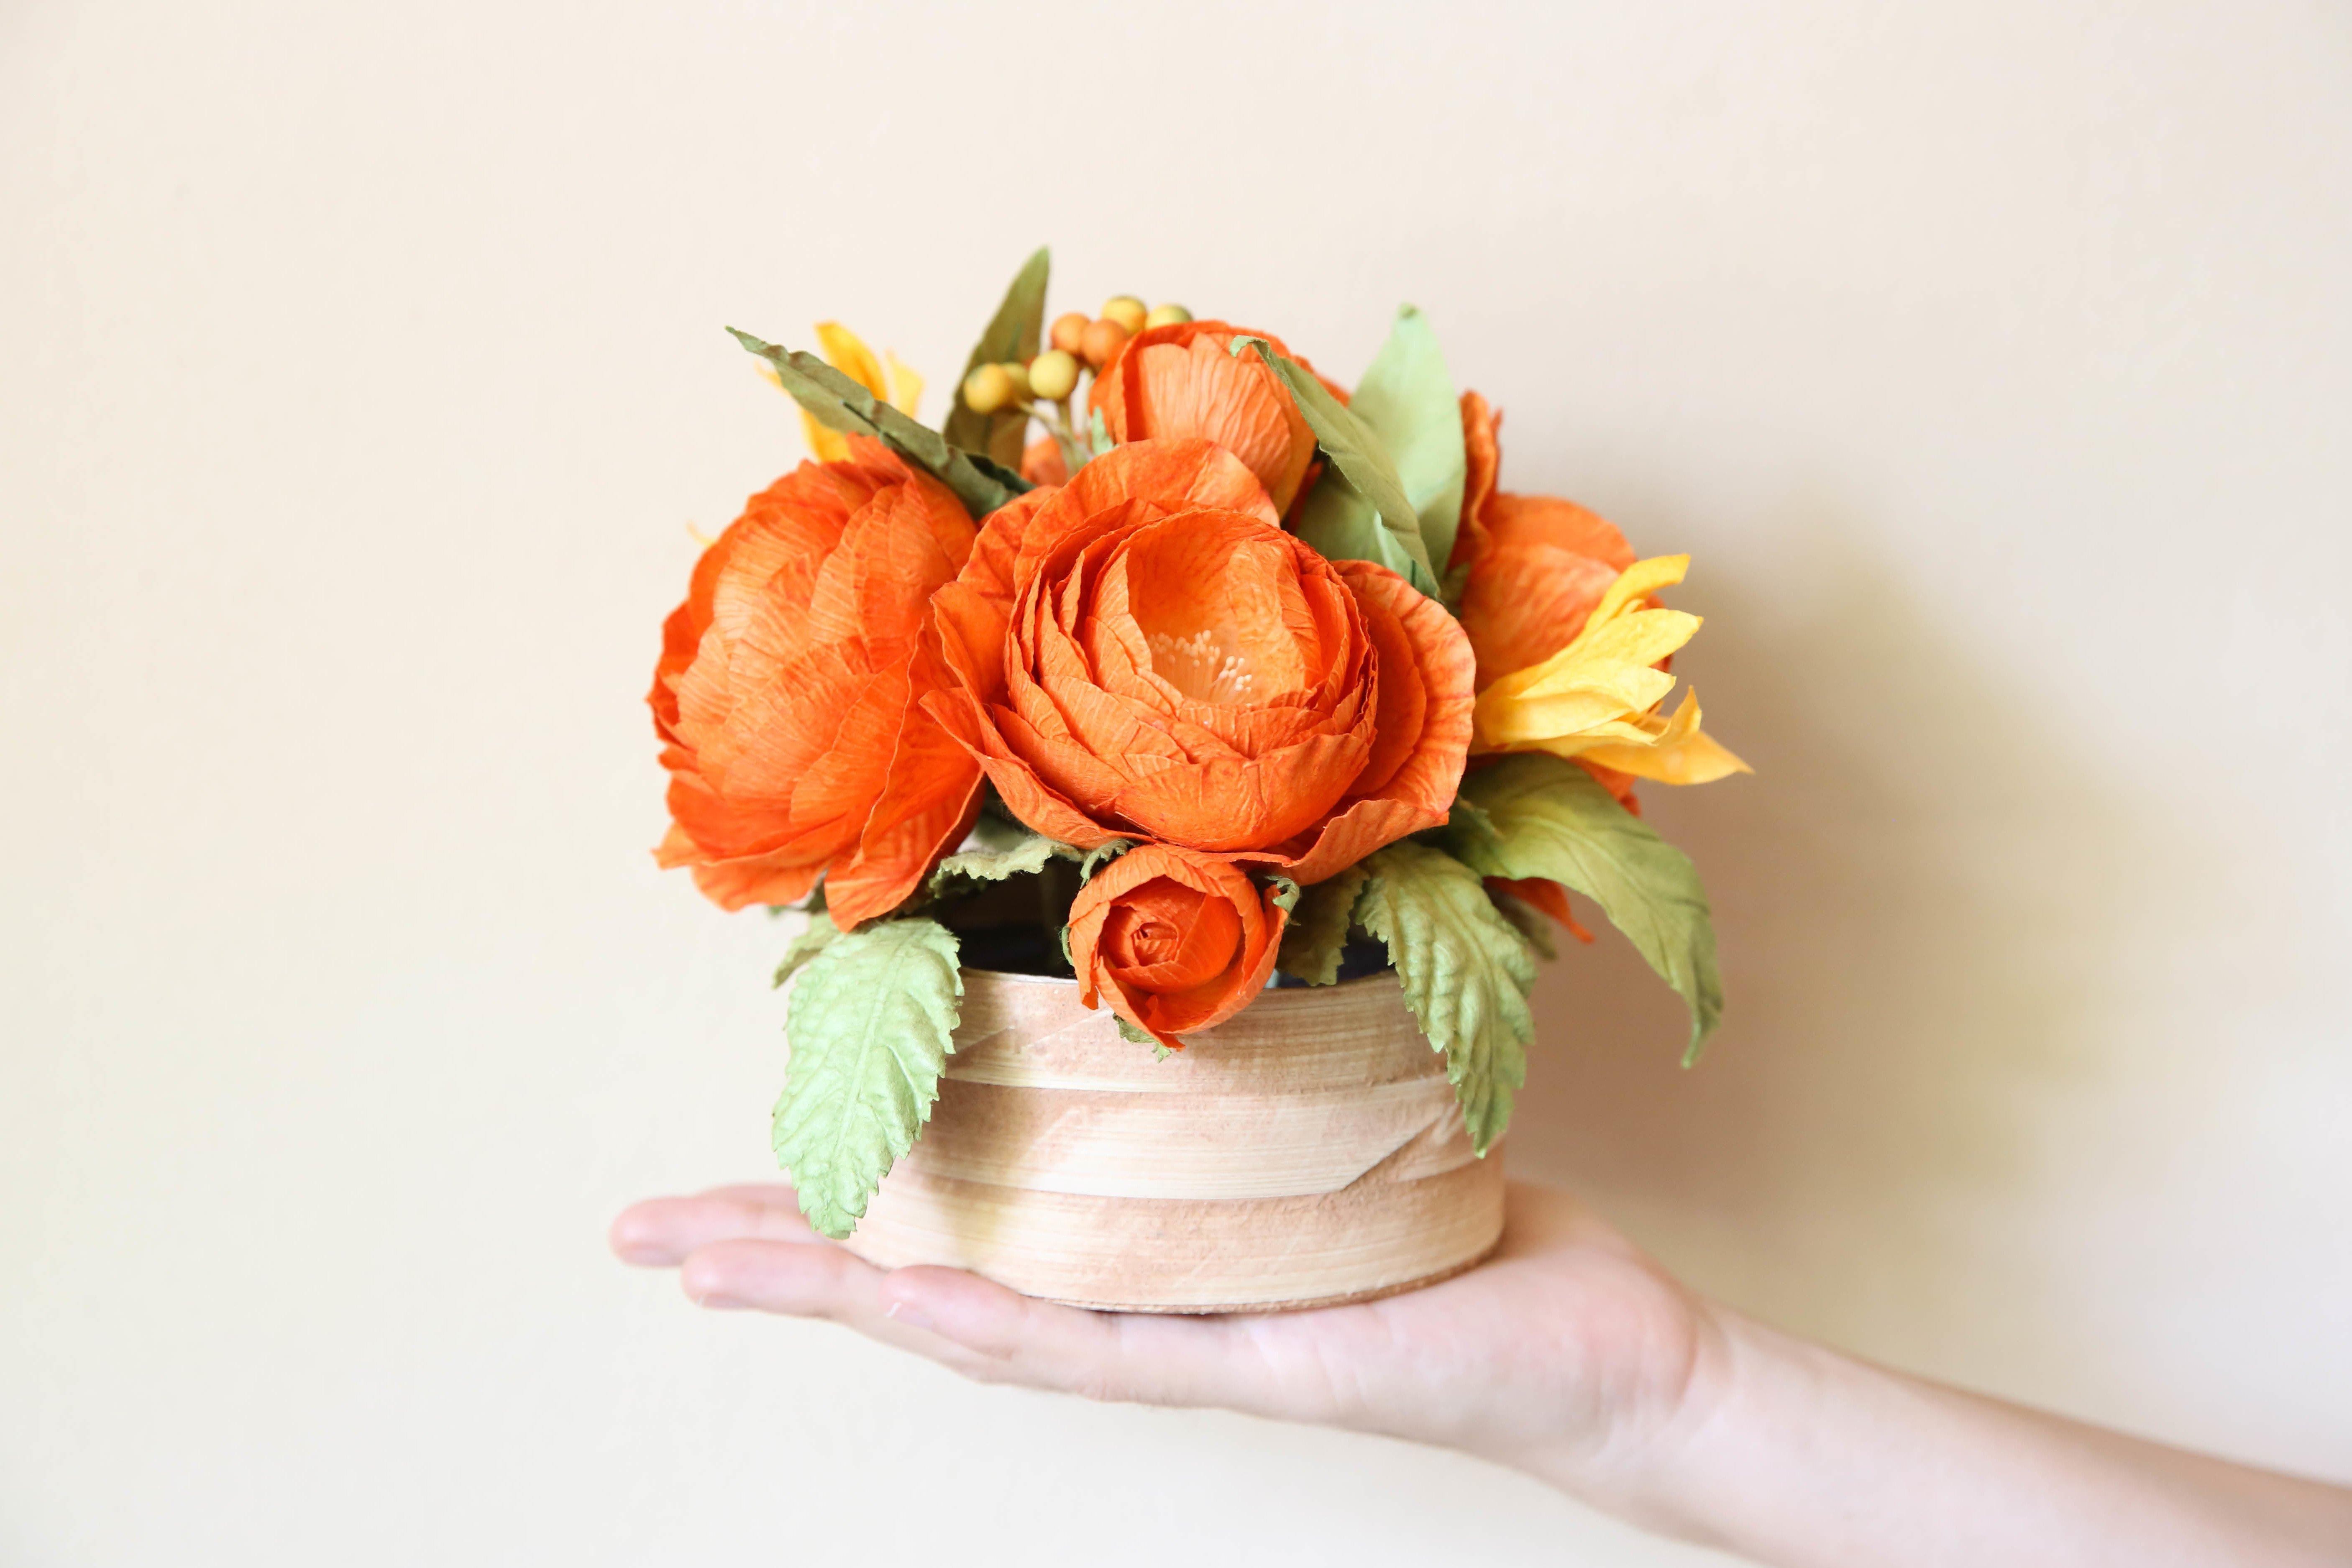 Bastelanleitungen für die Hochzeit: Blumen aus Krepppapier